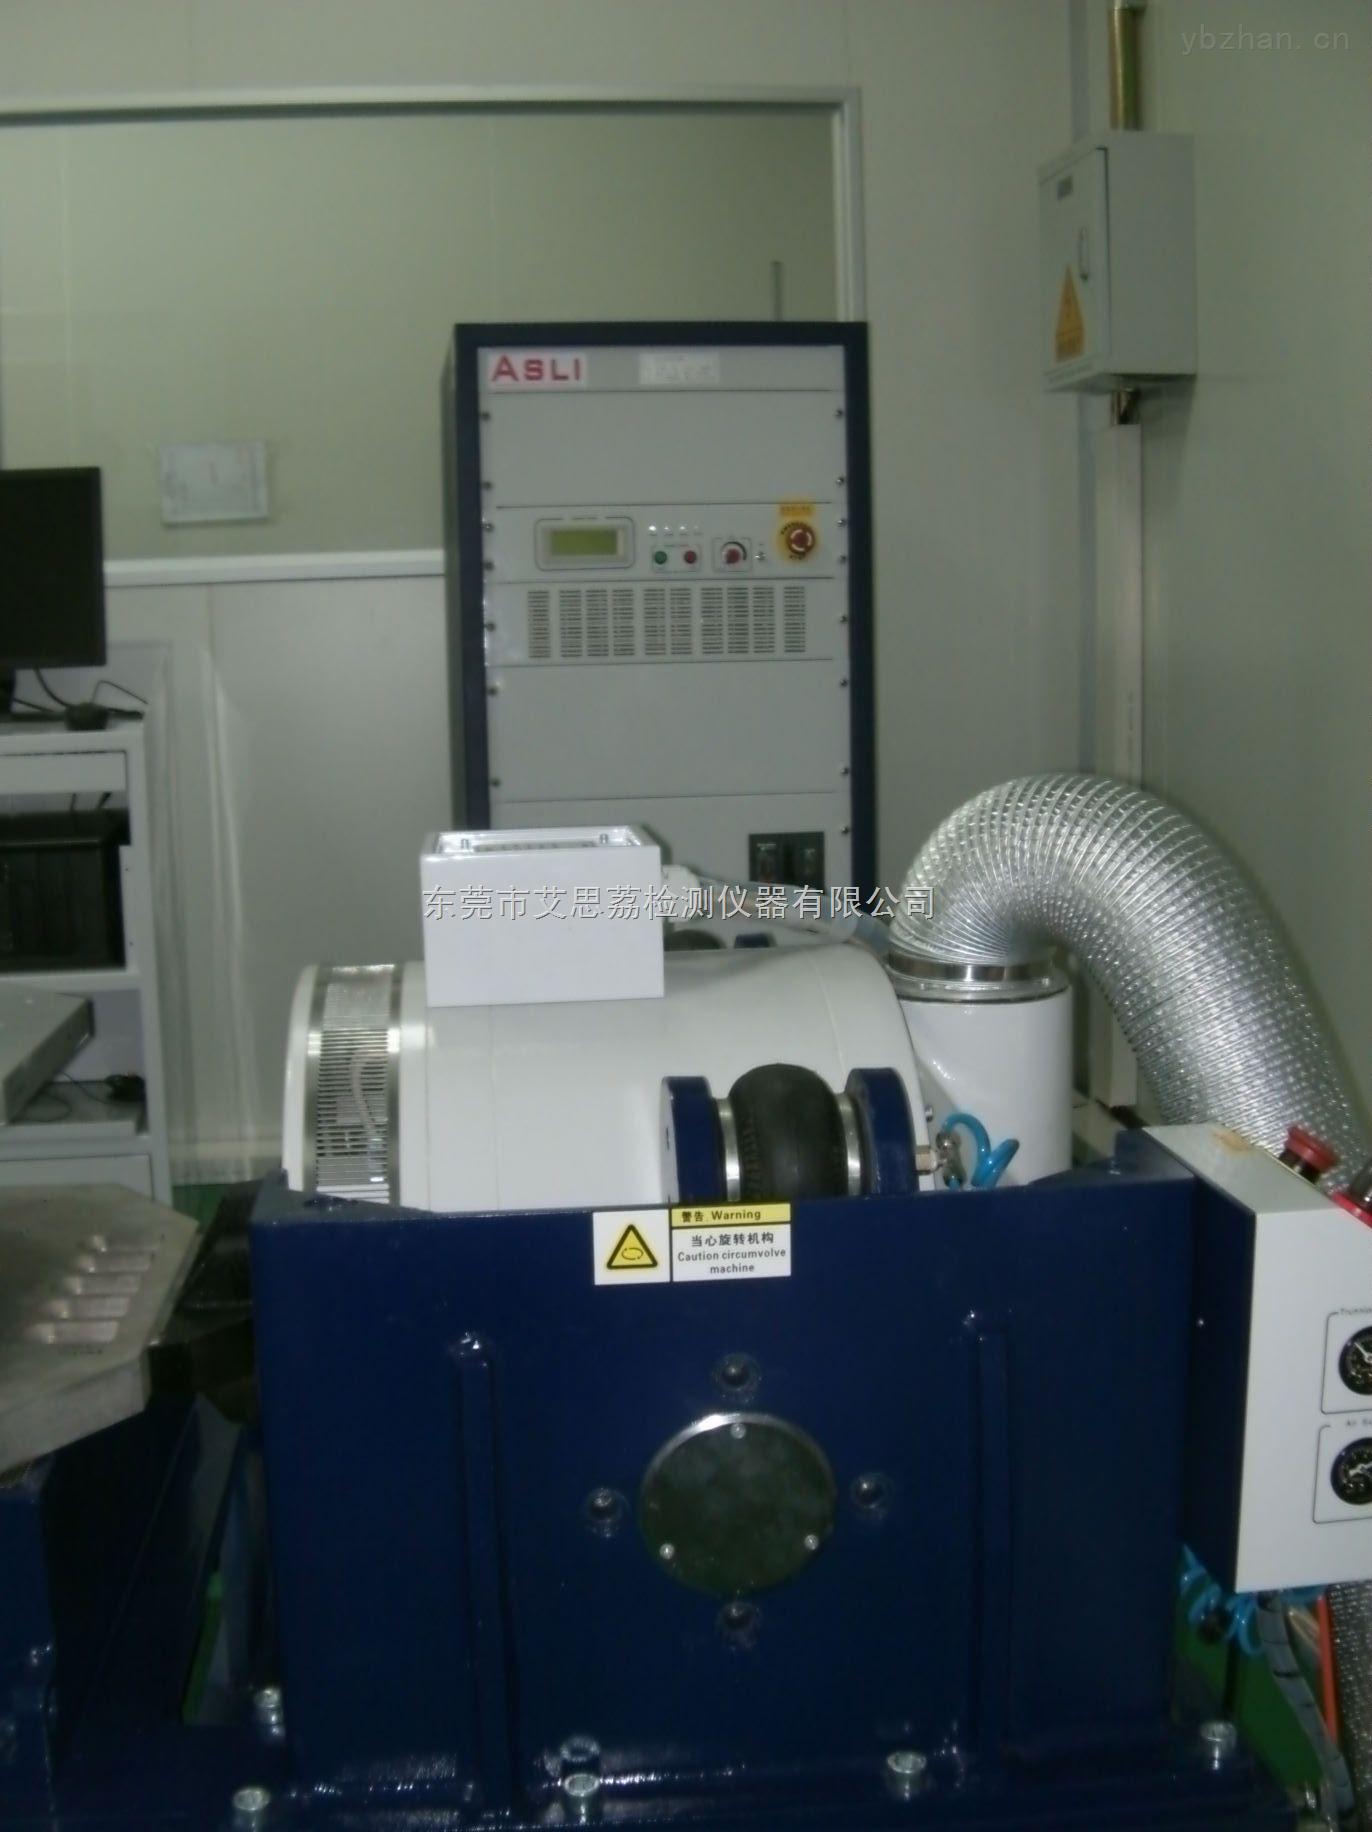 产品库 实验仪器 试验箱 试验台 多轴振动试验台  产品报价: 8800元